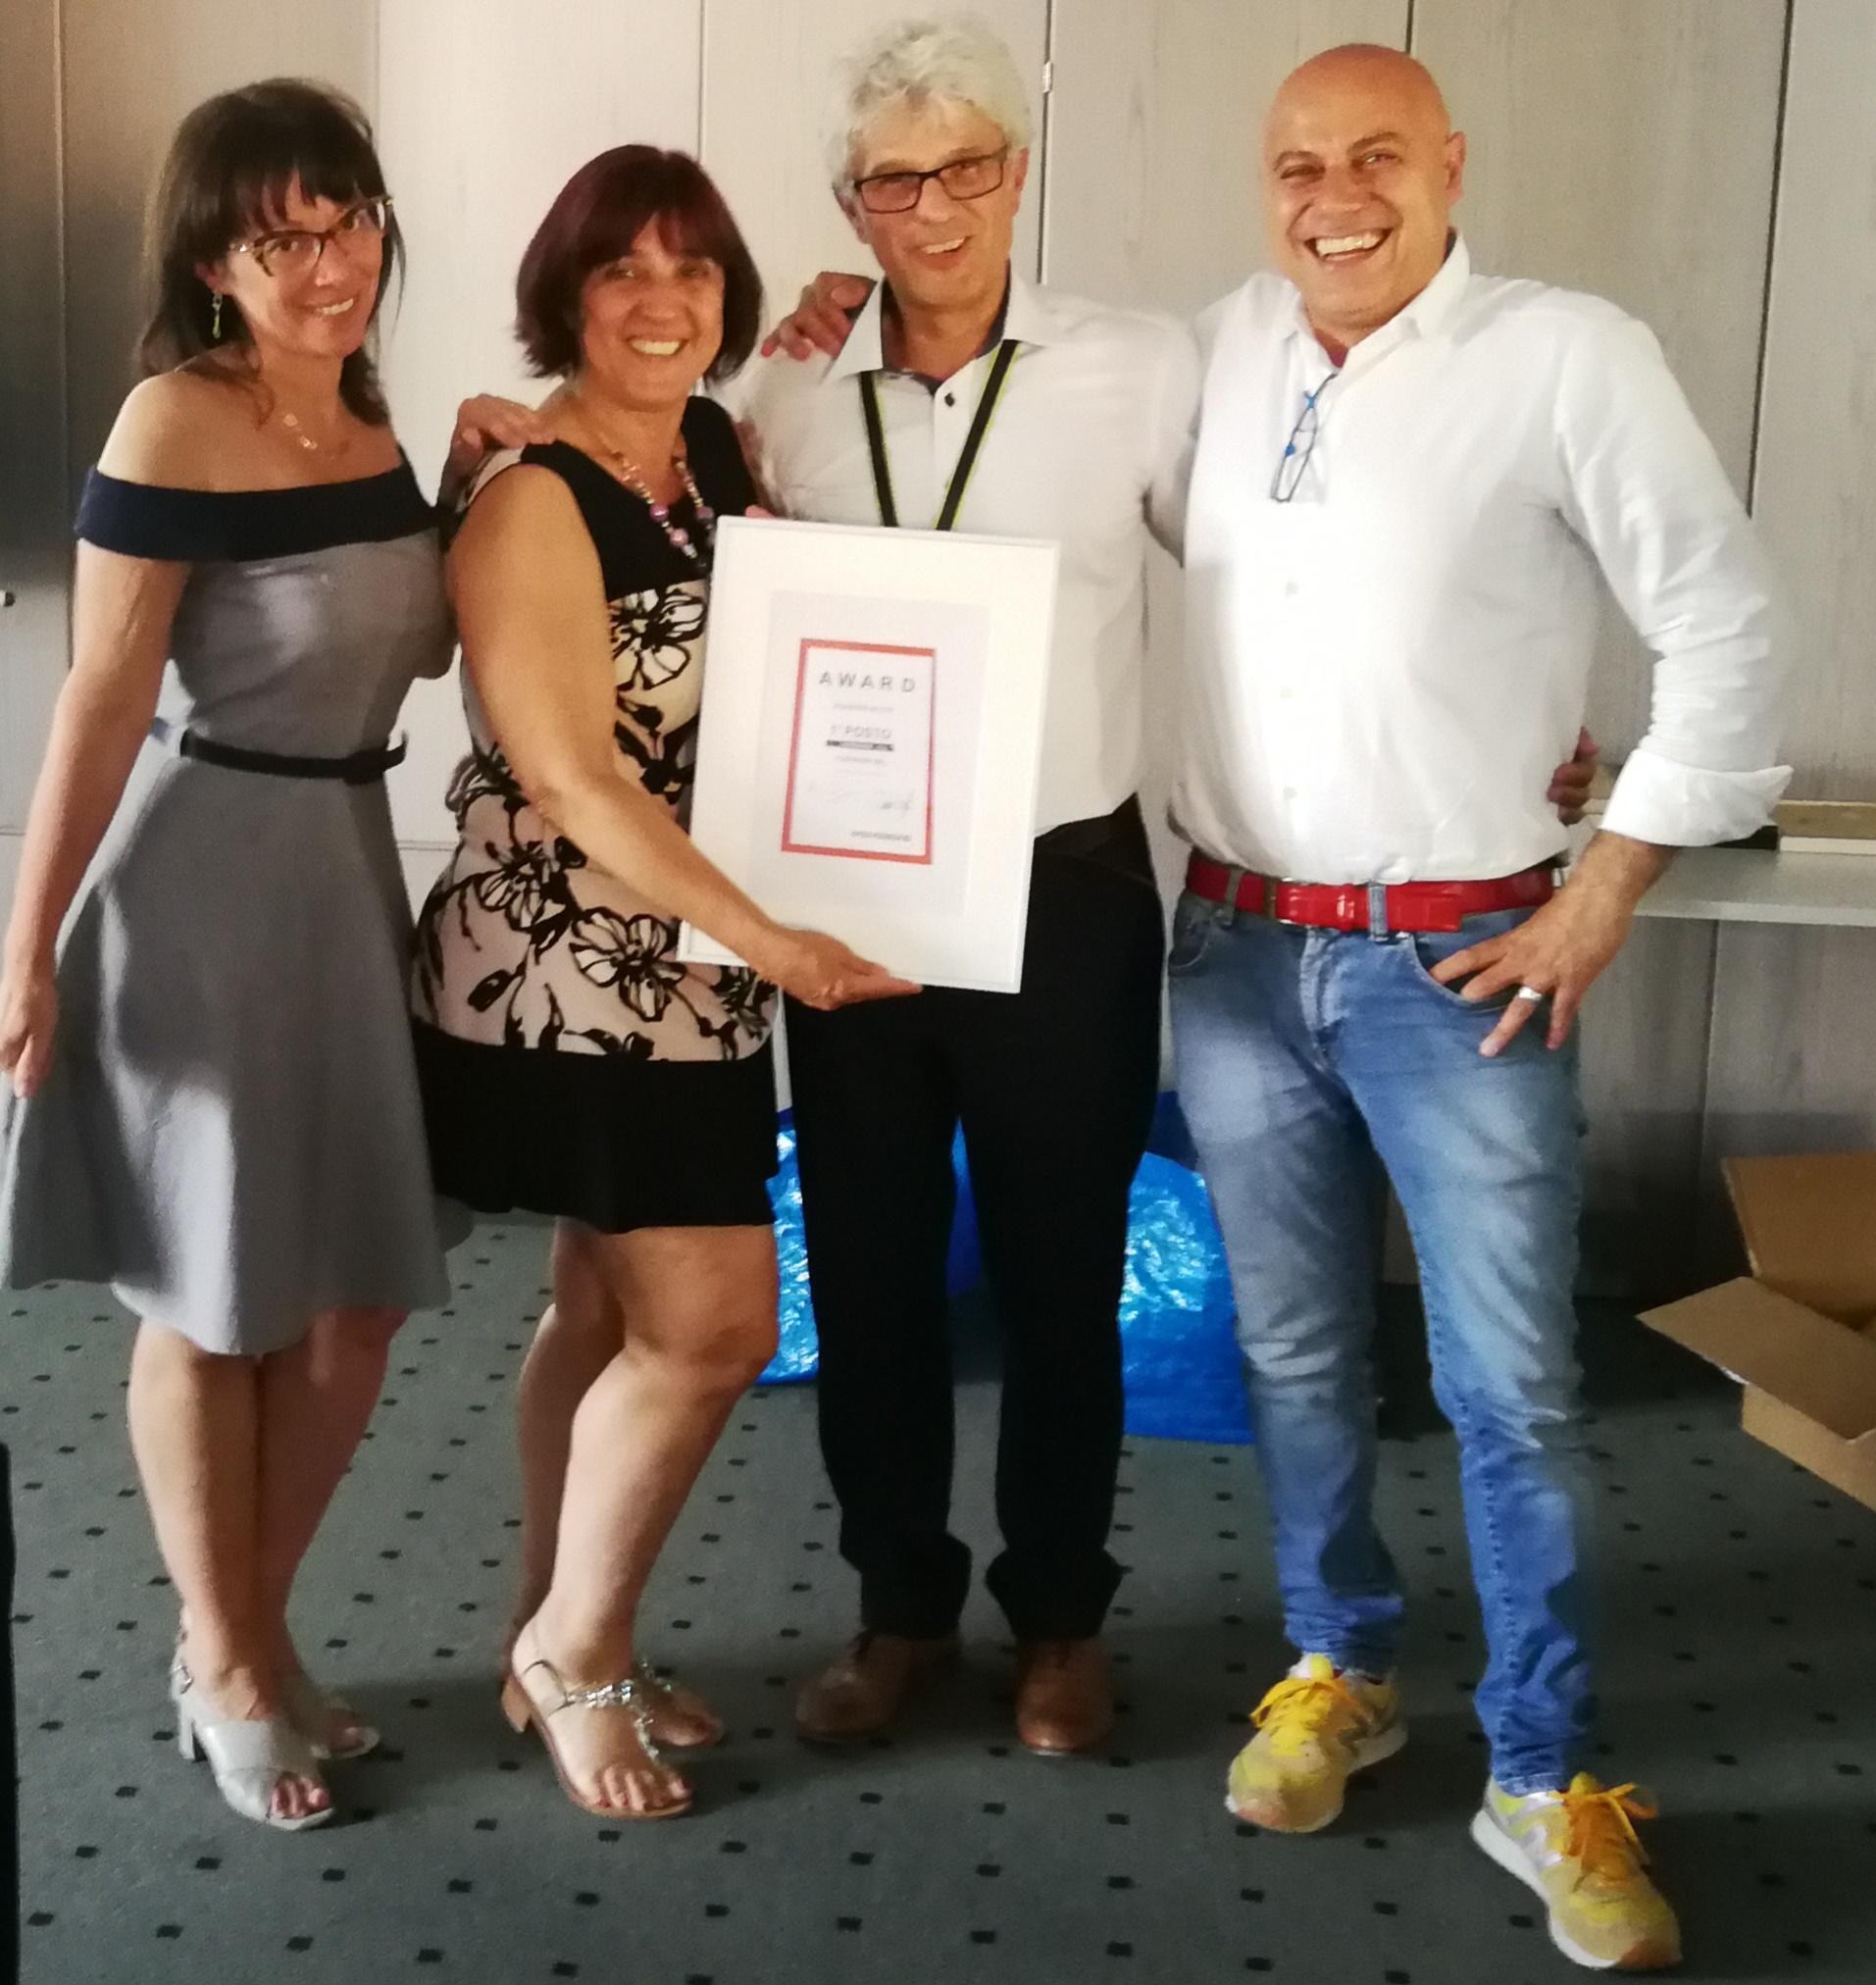 foto-ufficiale-premiazione-fustinoni-stazione-2018